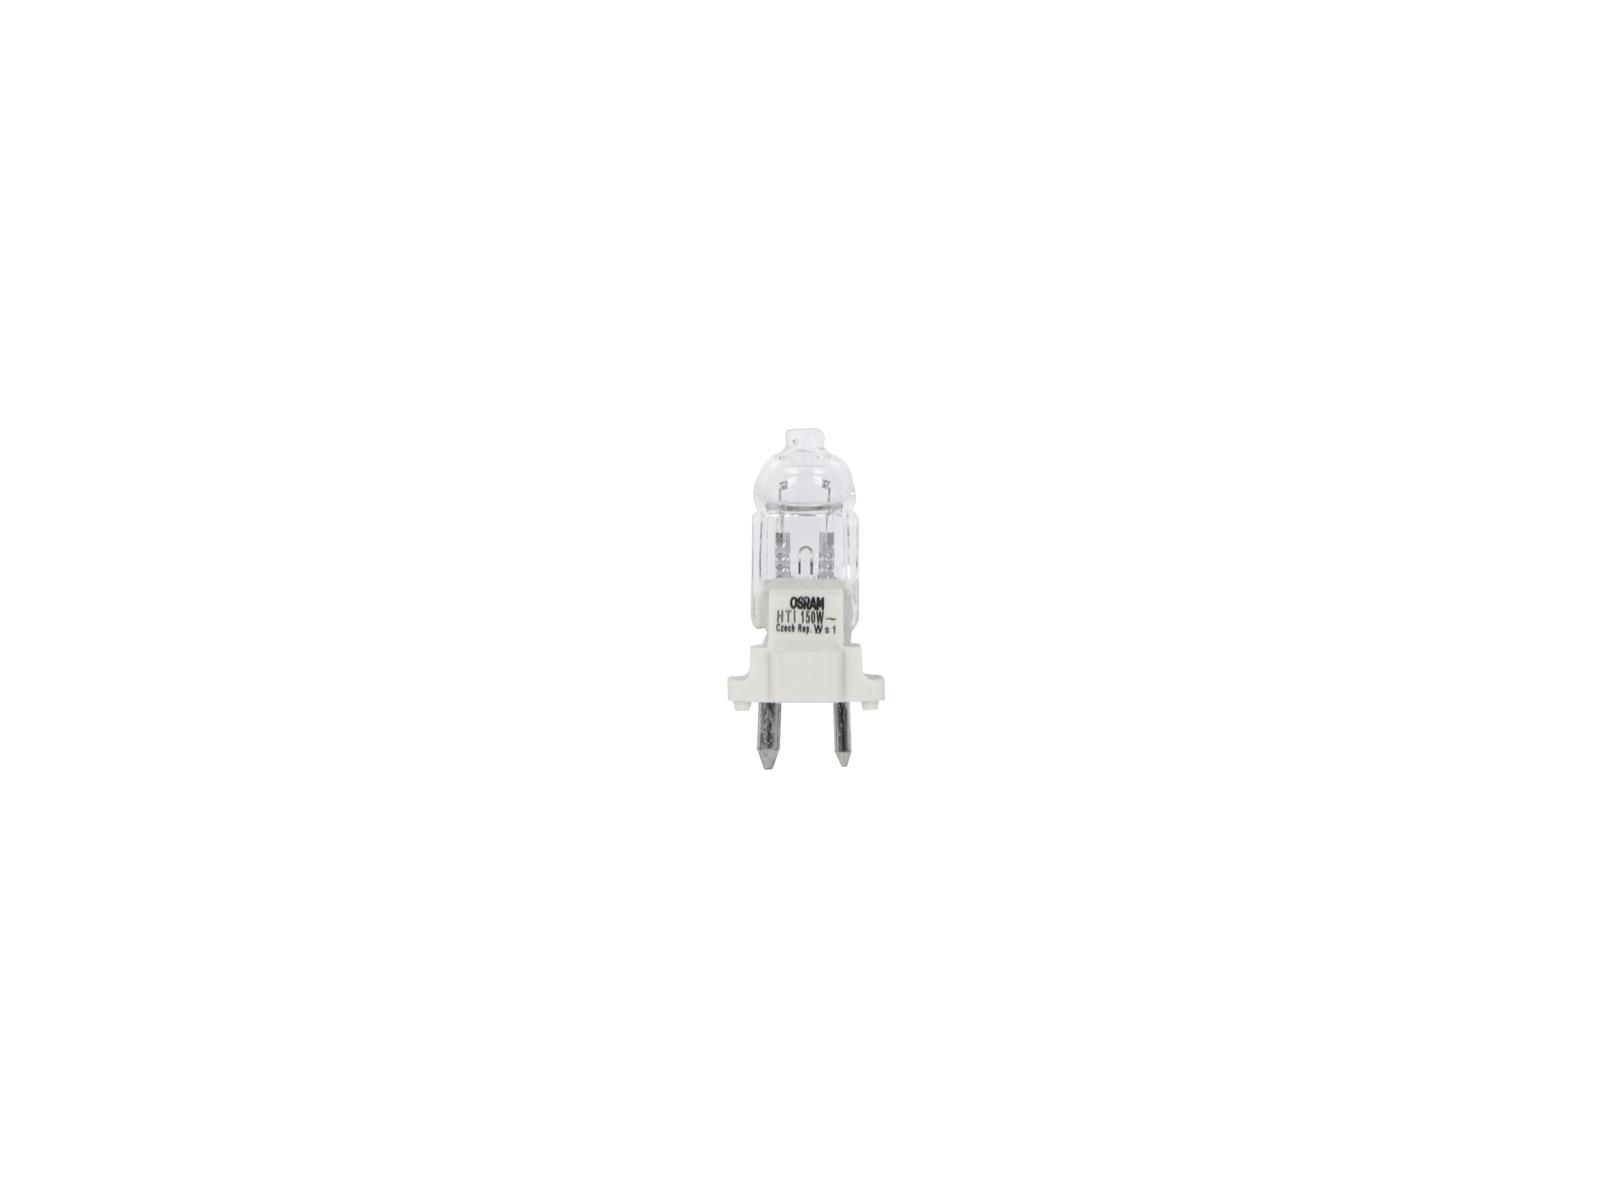 HTI 90V/150W GY-9,5 Osram, 6900K